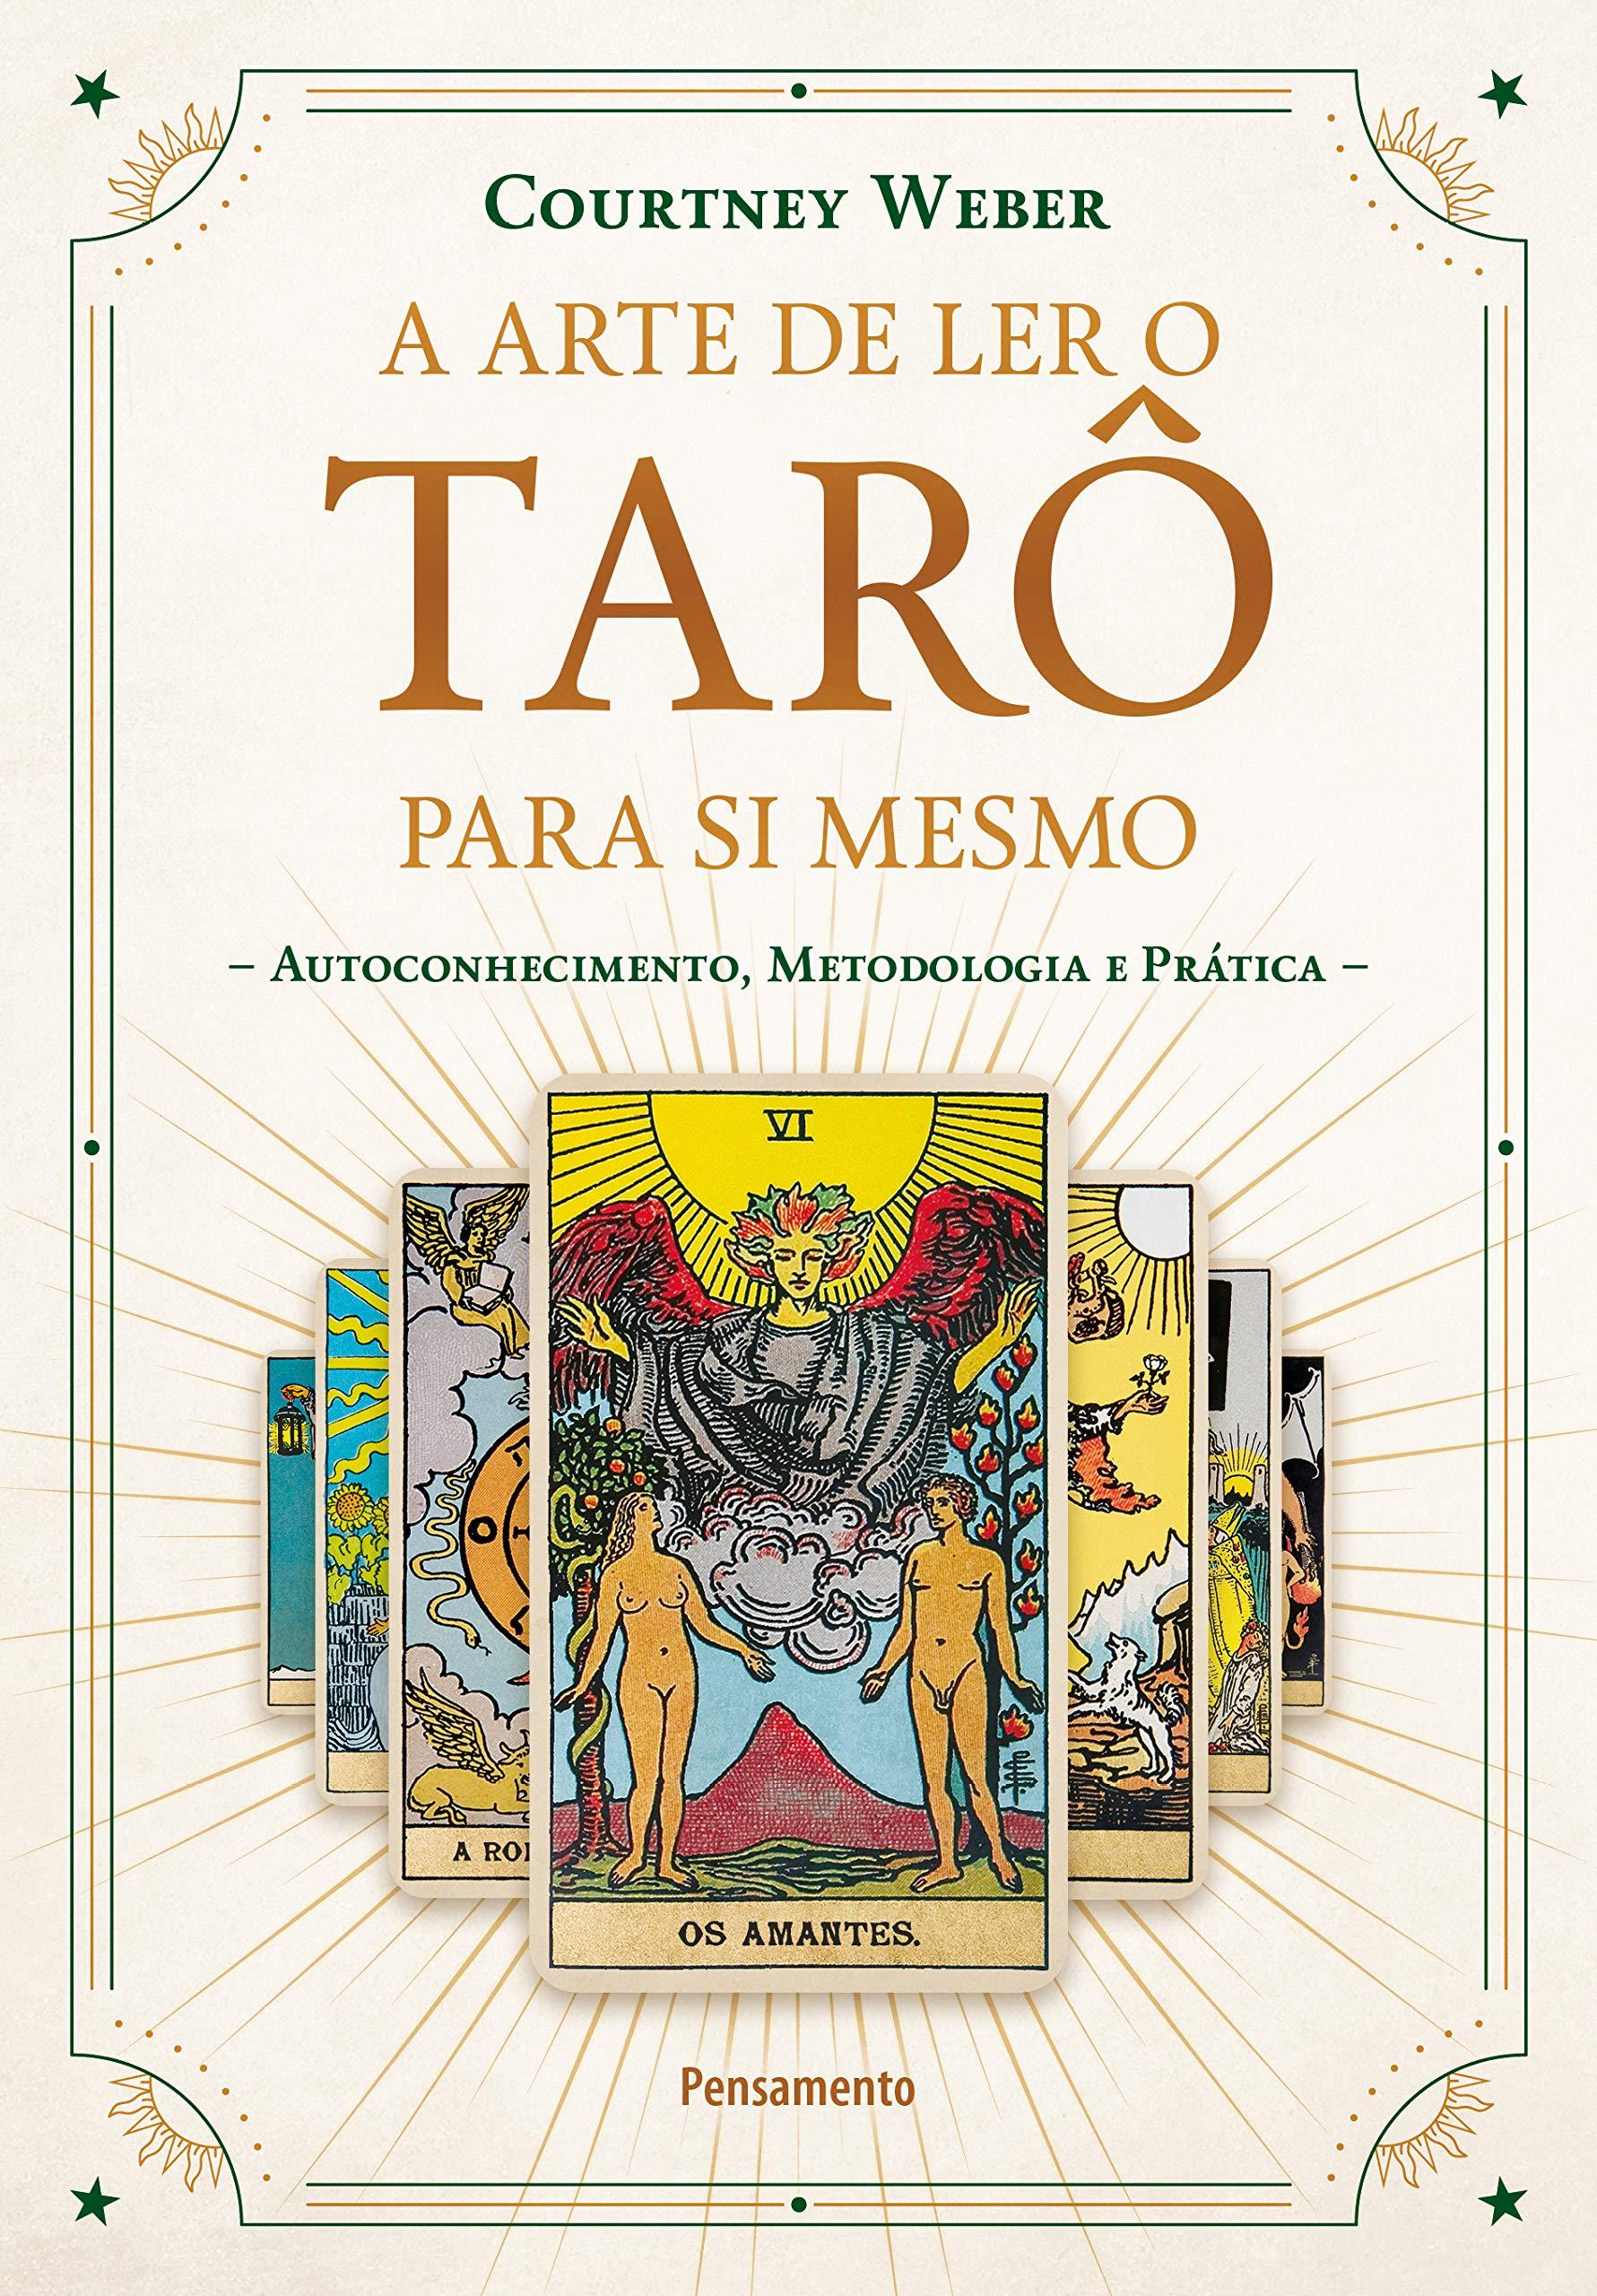 Livro 'A Arte de Ler o Tarô para Si Mesmo: Autoconhecimento, Metodologia e Prática' por Courtney Weber